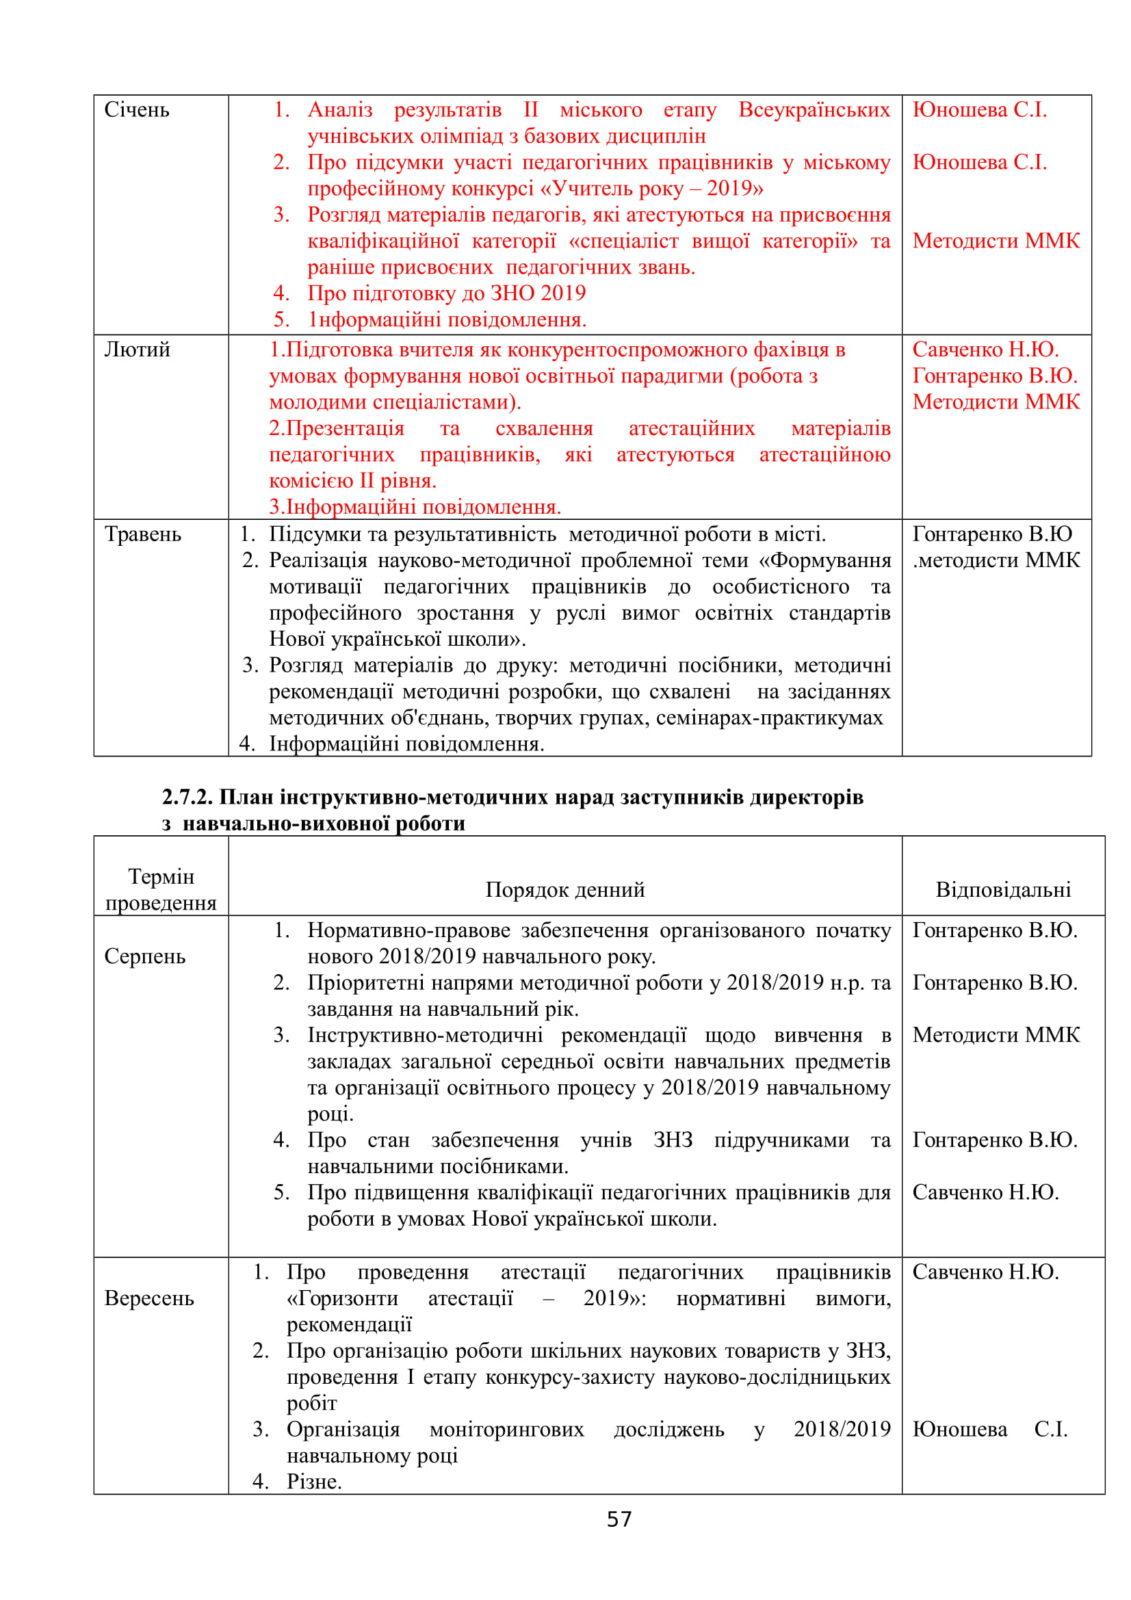 Костянтинівка 2018-2019 - ММК план роботи-58